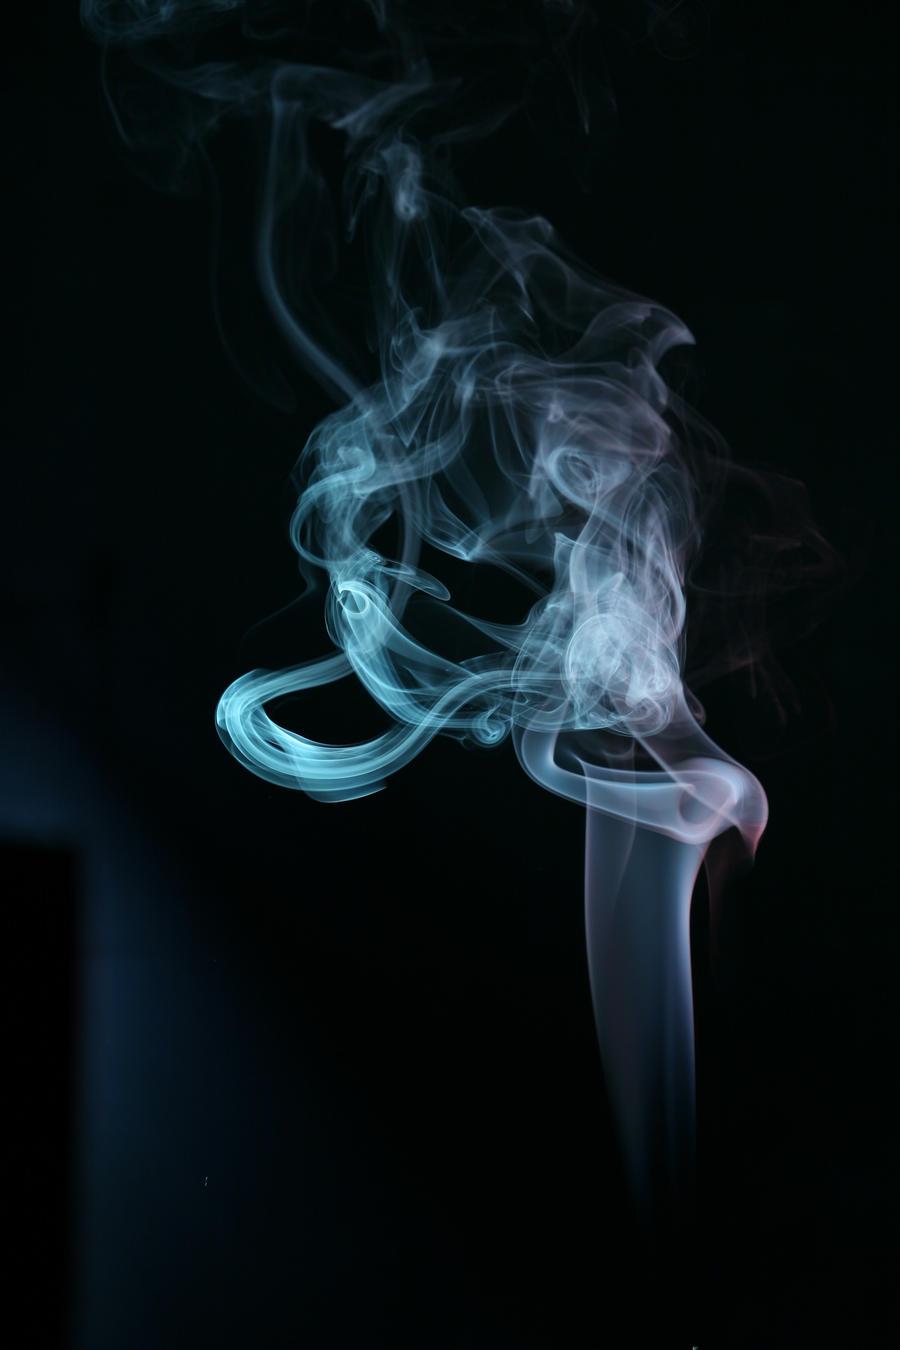 Smoke 037 by ISOStock